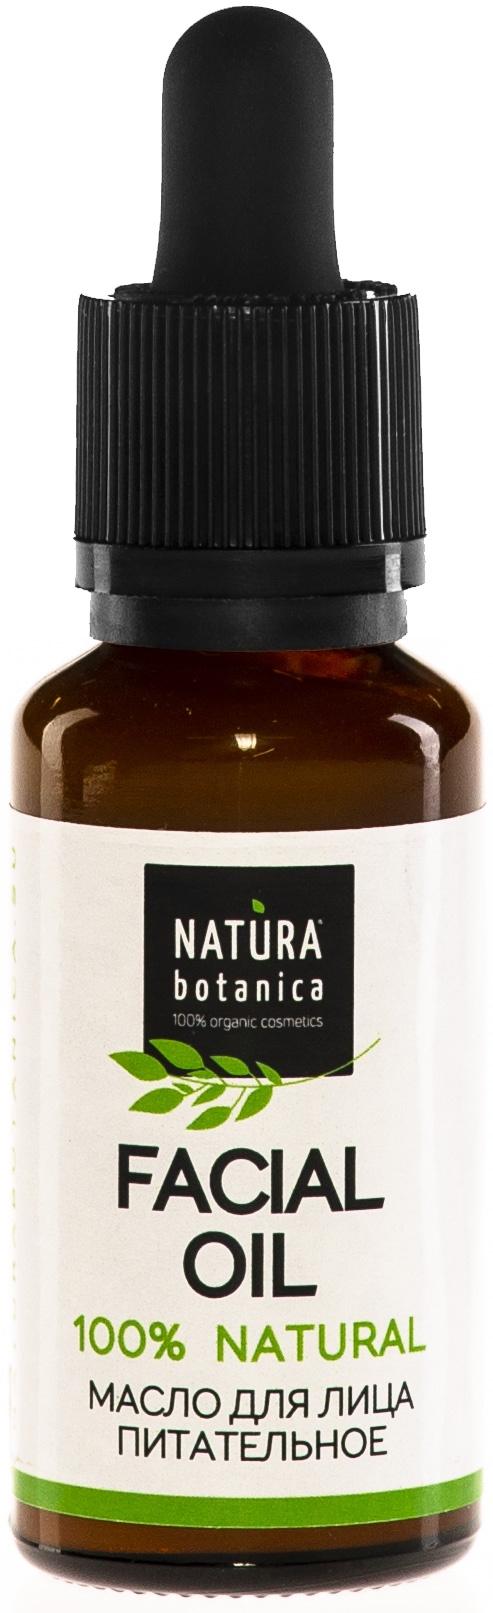 Масло косметическое Natura Botanica Питательное масло для лица для всех типов кожи ароматное твердое масло для лица